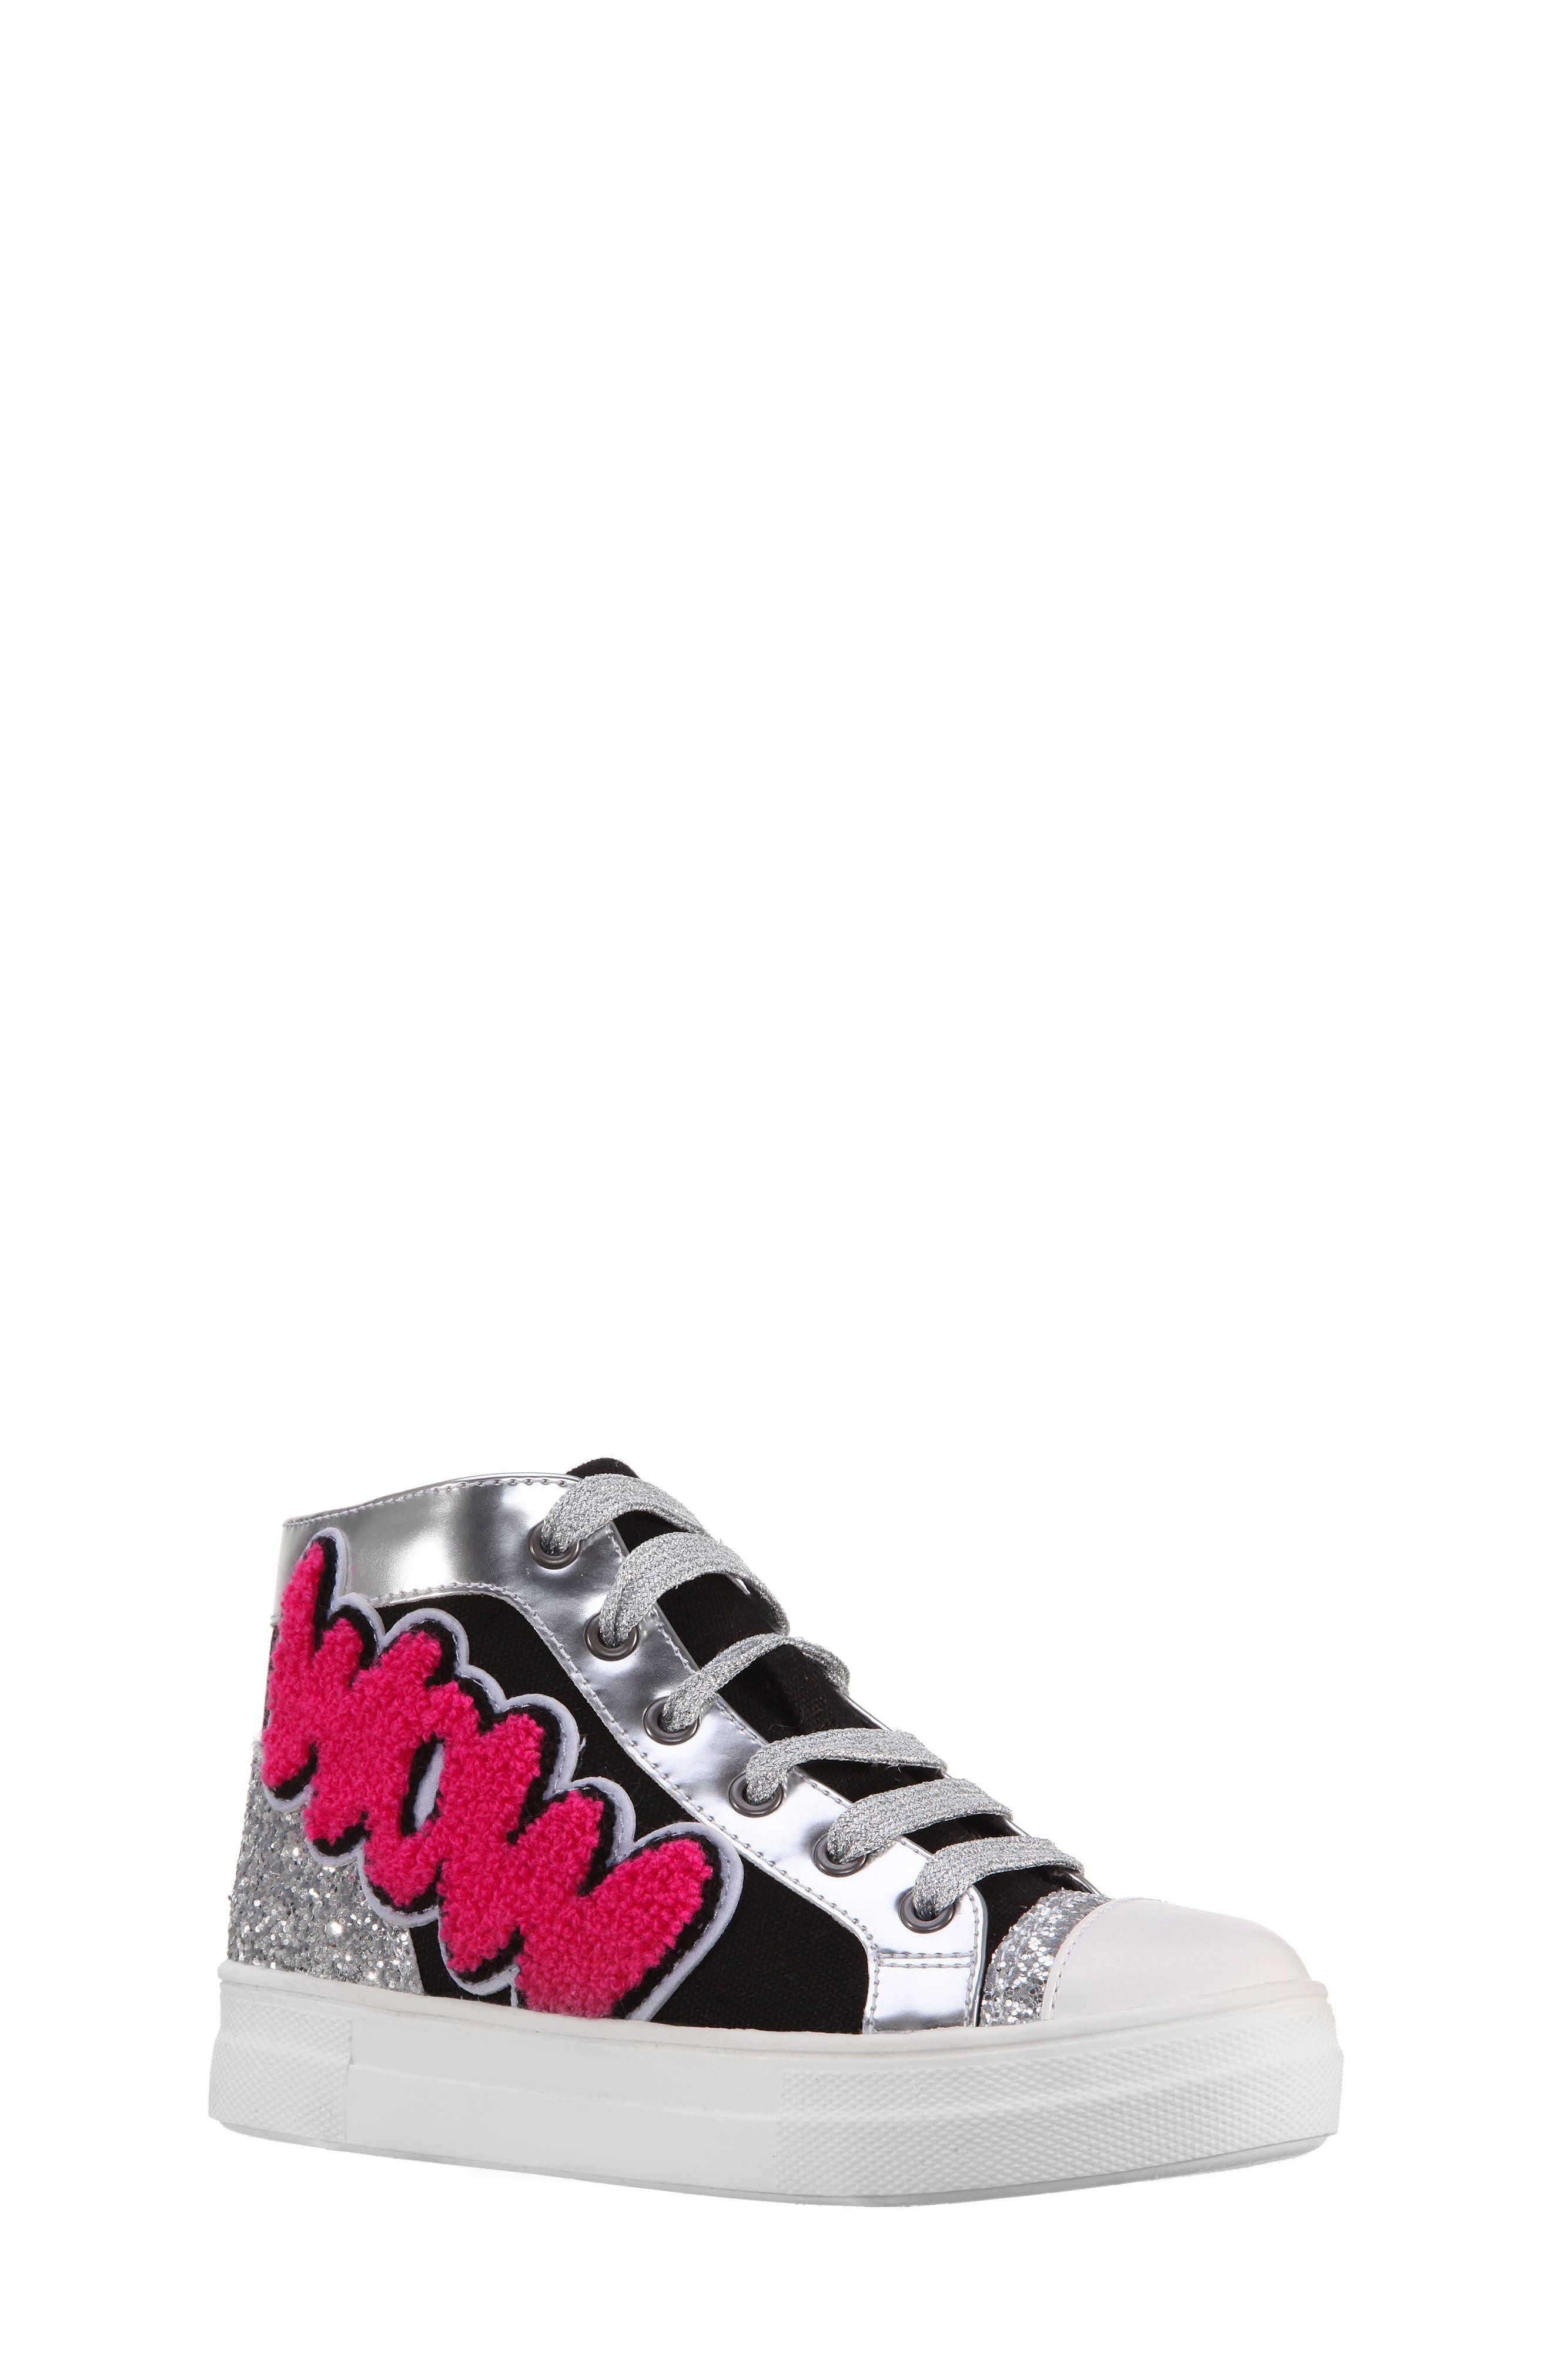 Main Image - Nina Gita High Top Sneaker (Toddler, Little Kid & Big Kid)